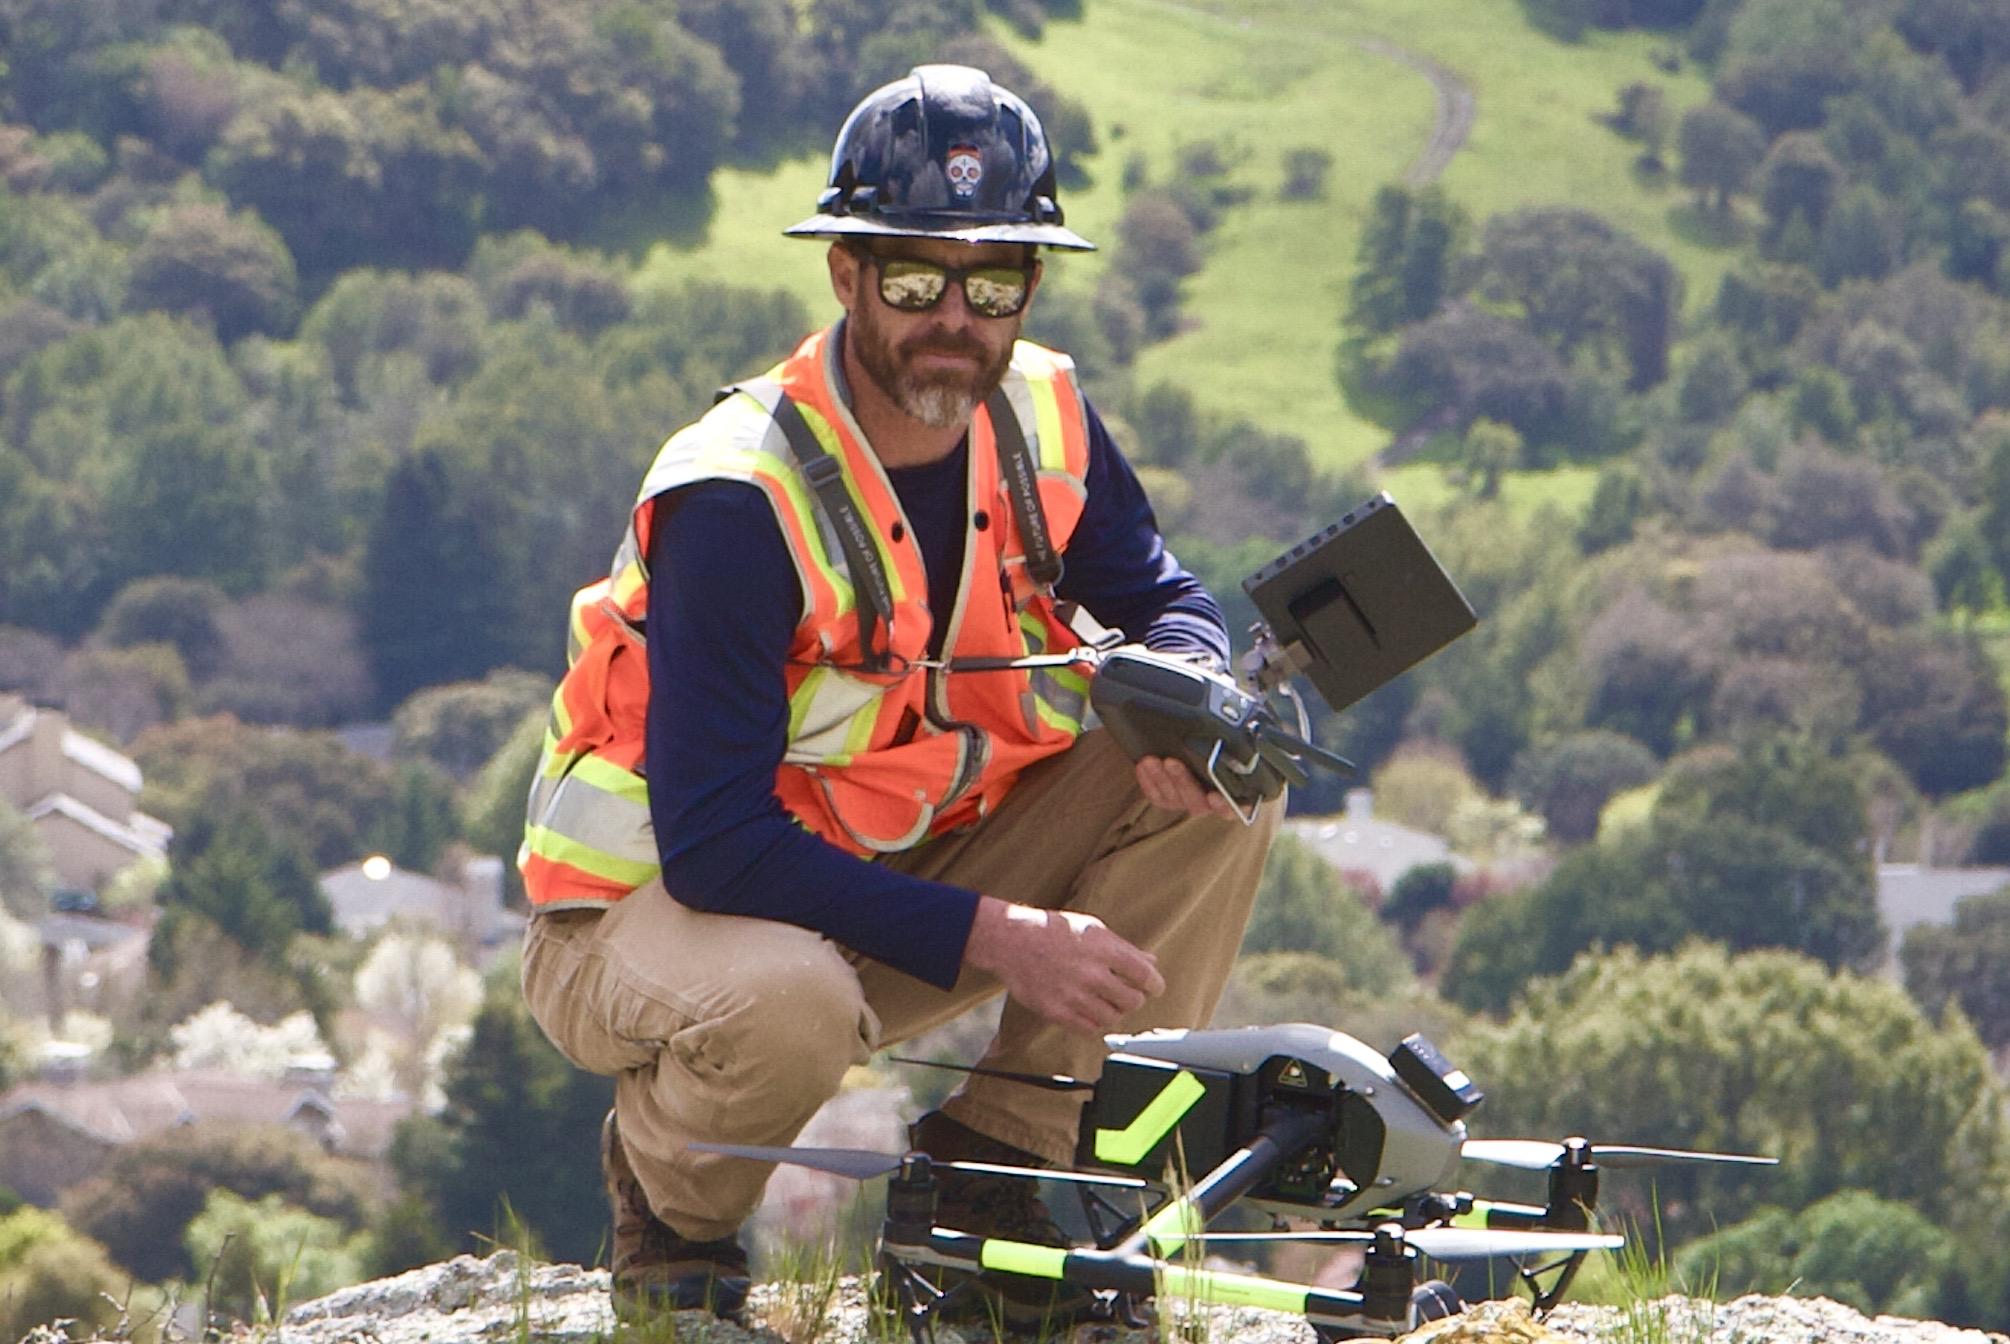 Senior Commercial Drone Pilot